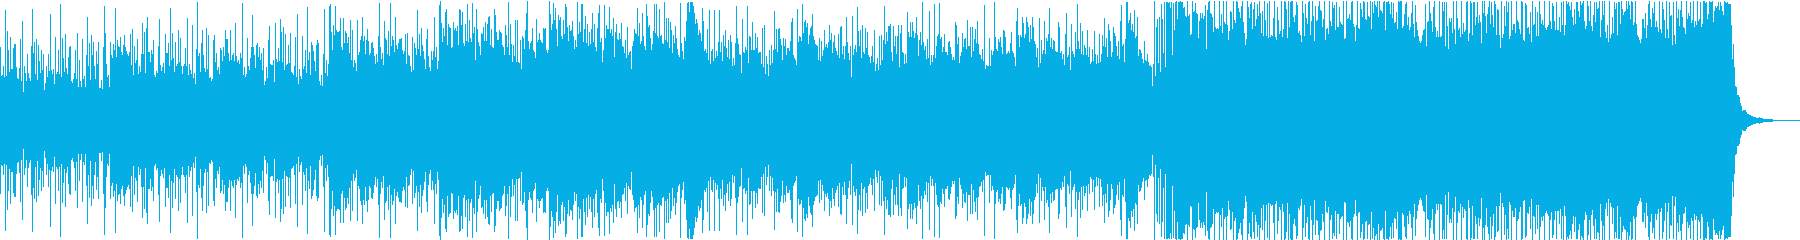 緊張感のあるドラマチックなBGMの再生済みの波形